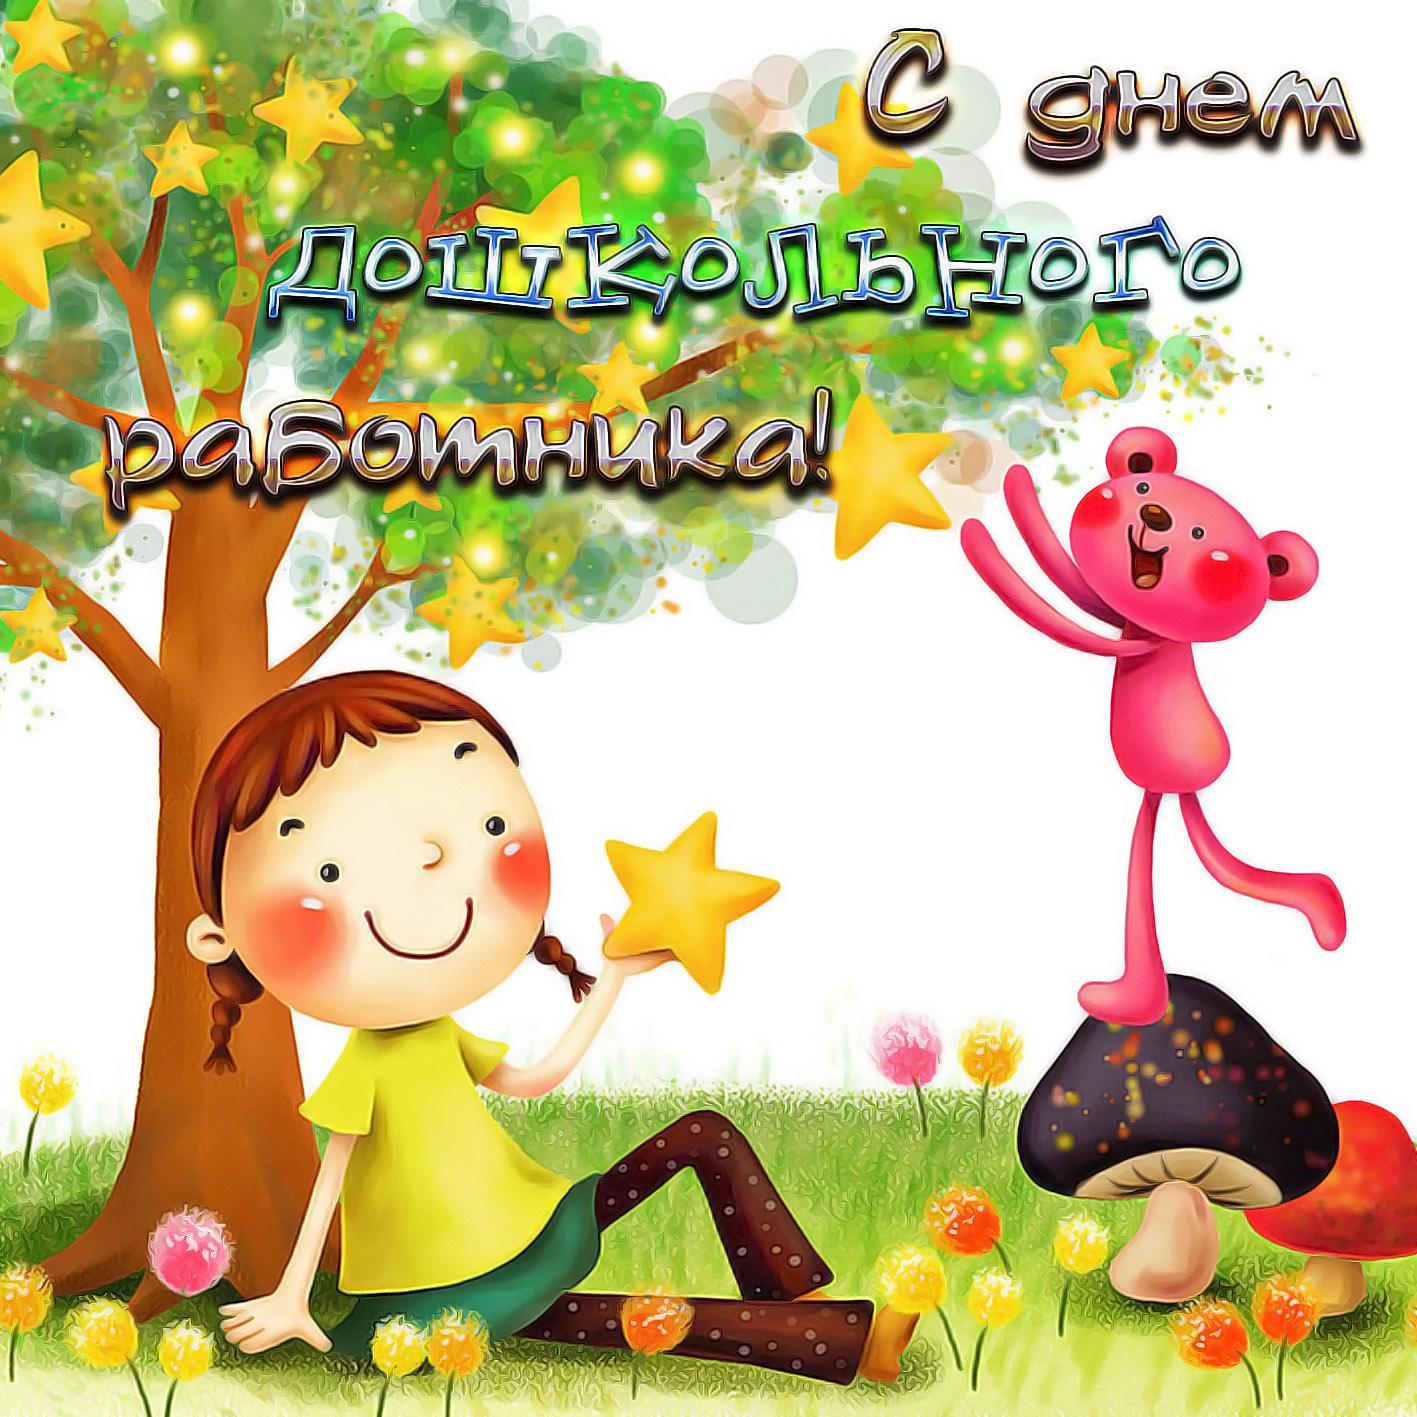 Открытка с девочкой под деревом на День дошкольного работника